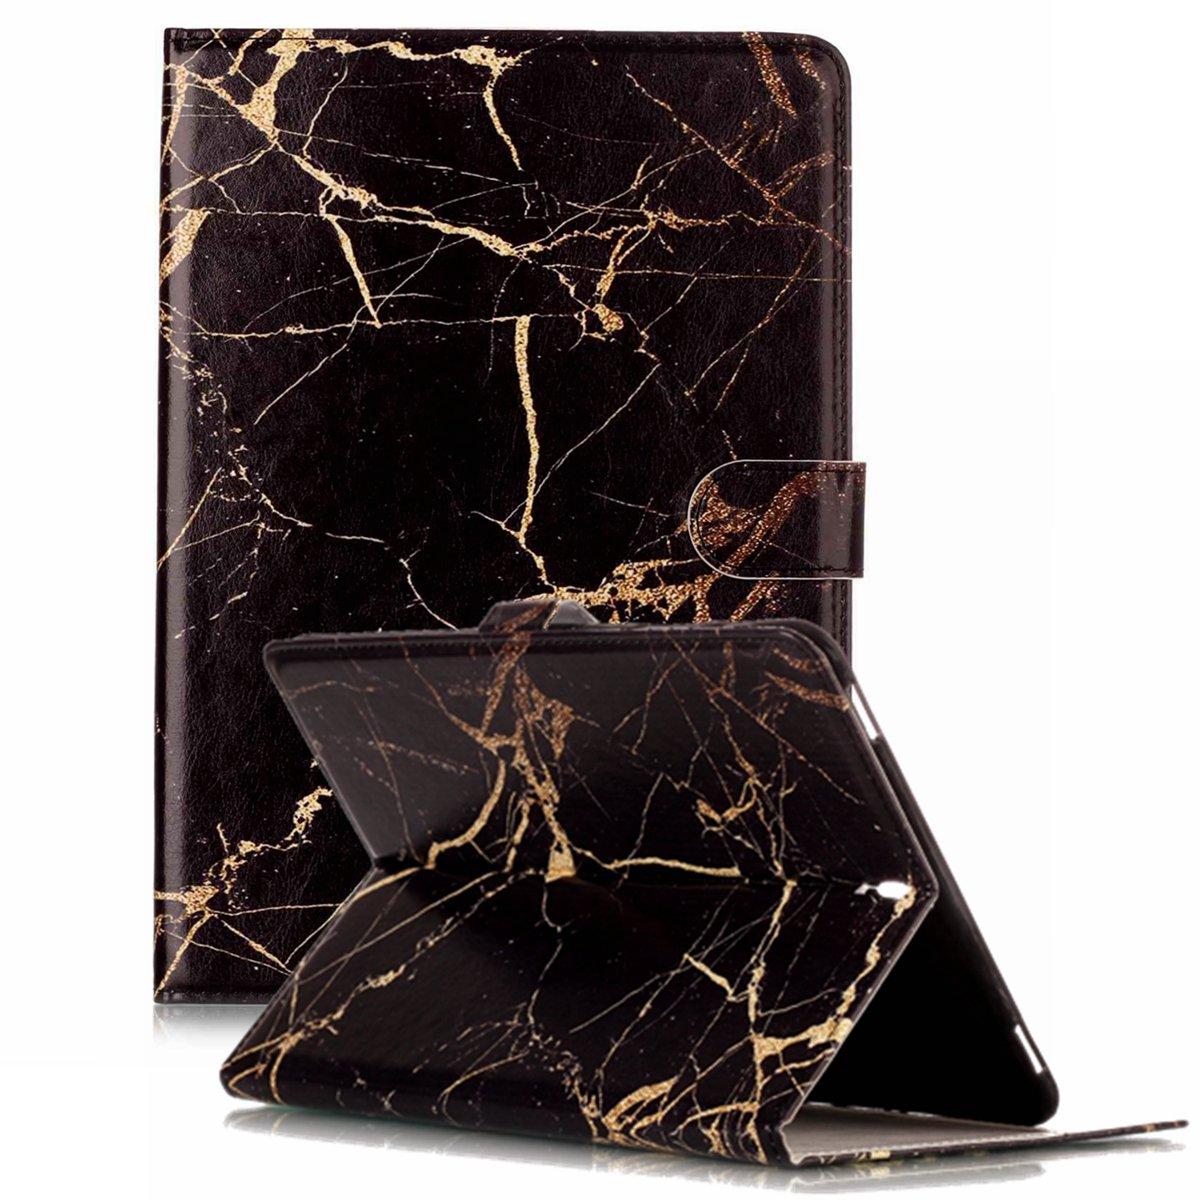 Samsung Galaxy Tab S3 9.7 SM-T820ケース 高級本革ケース スタンド付き フリップカバー ハンドメイド Samsung Galaxy Tab S3 9.7 SM-T820用 (スタイル6)   B07LCJJ8DR